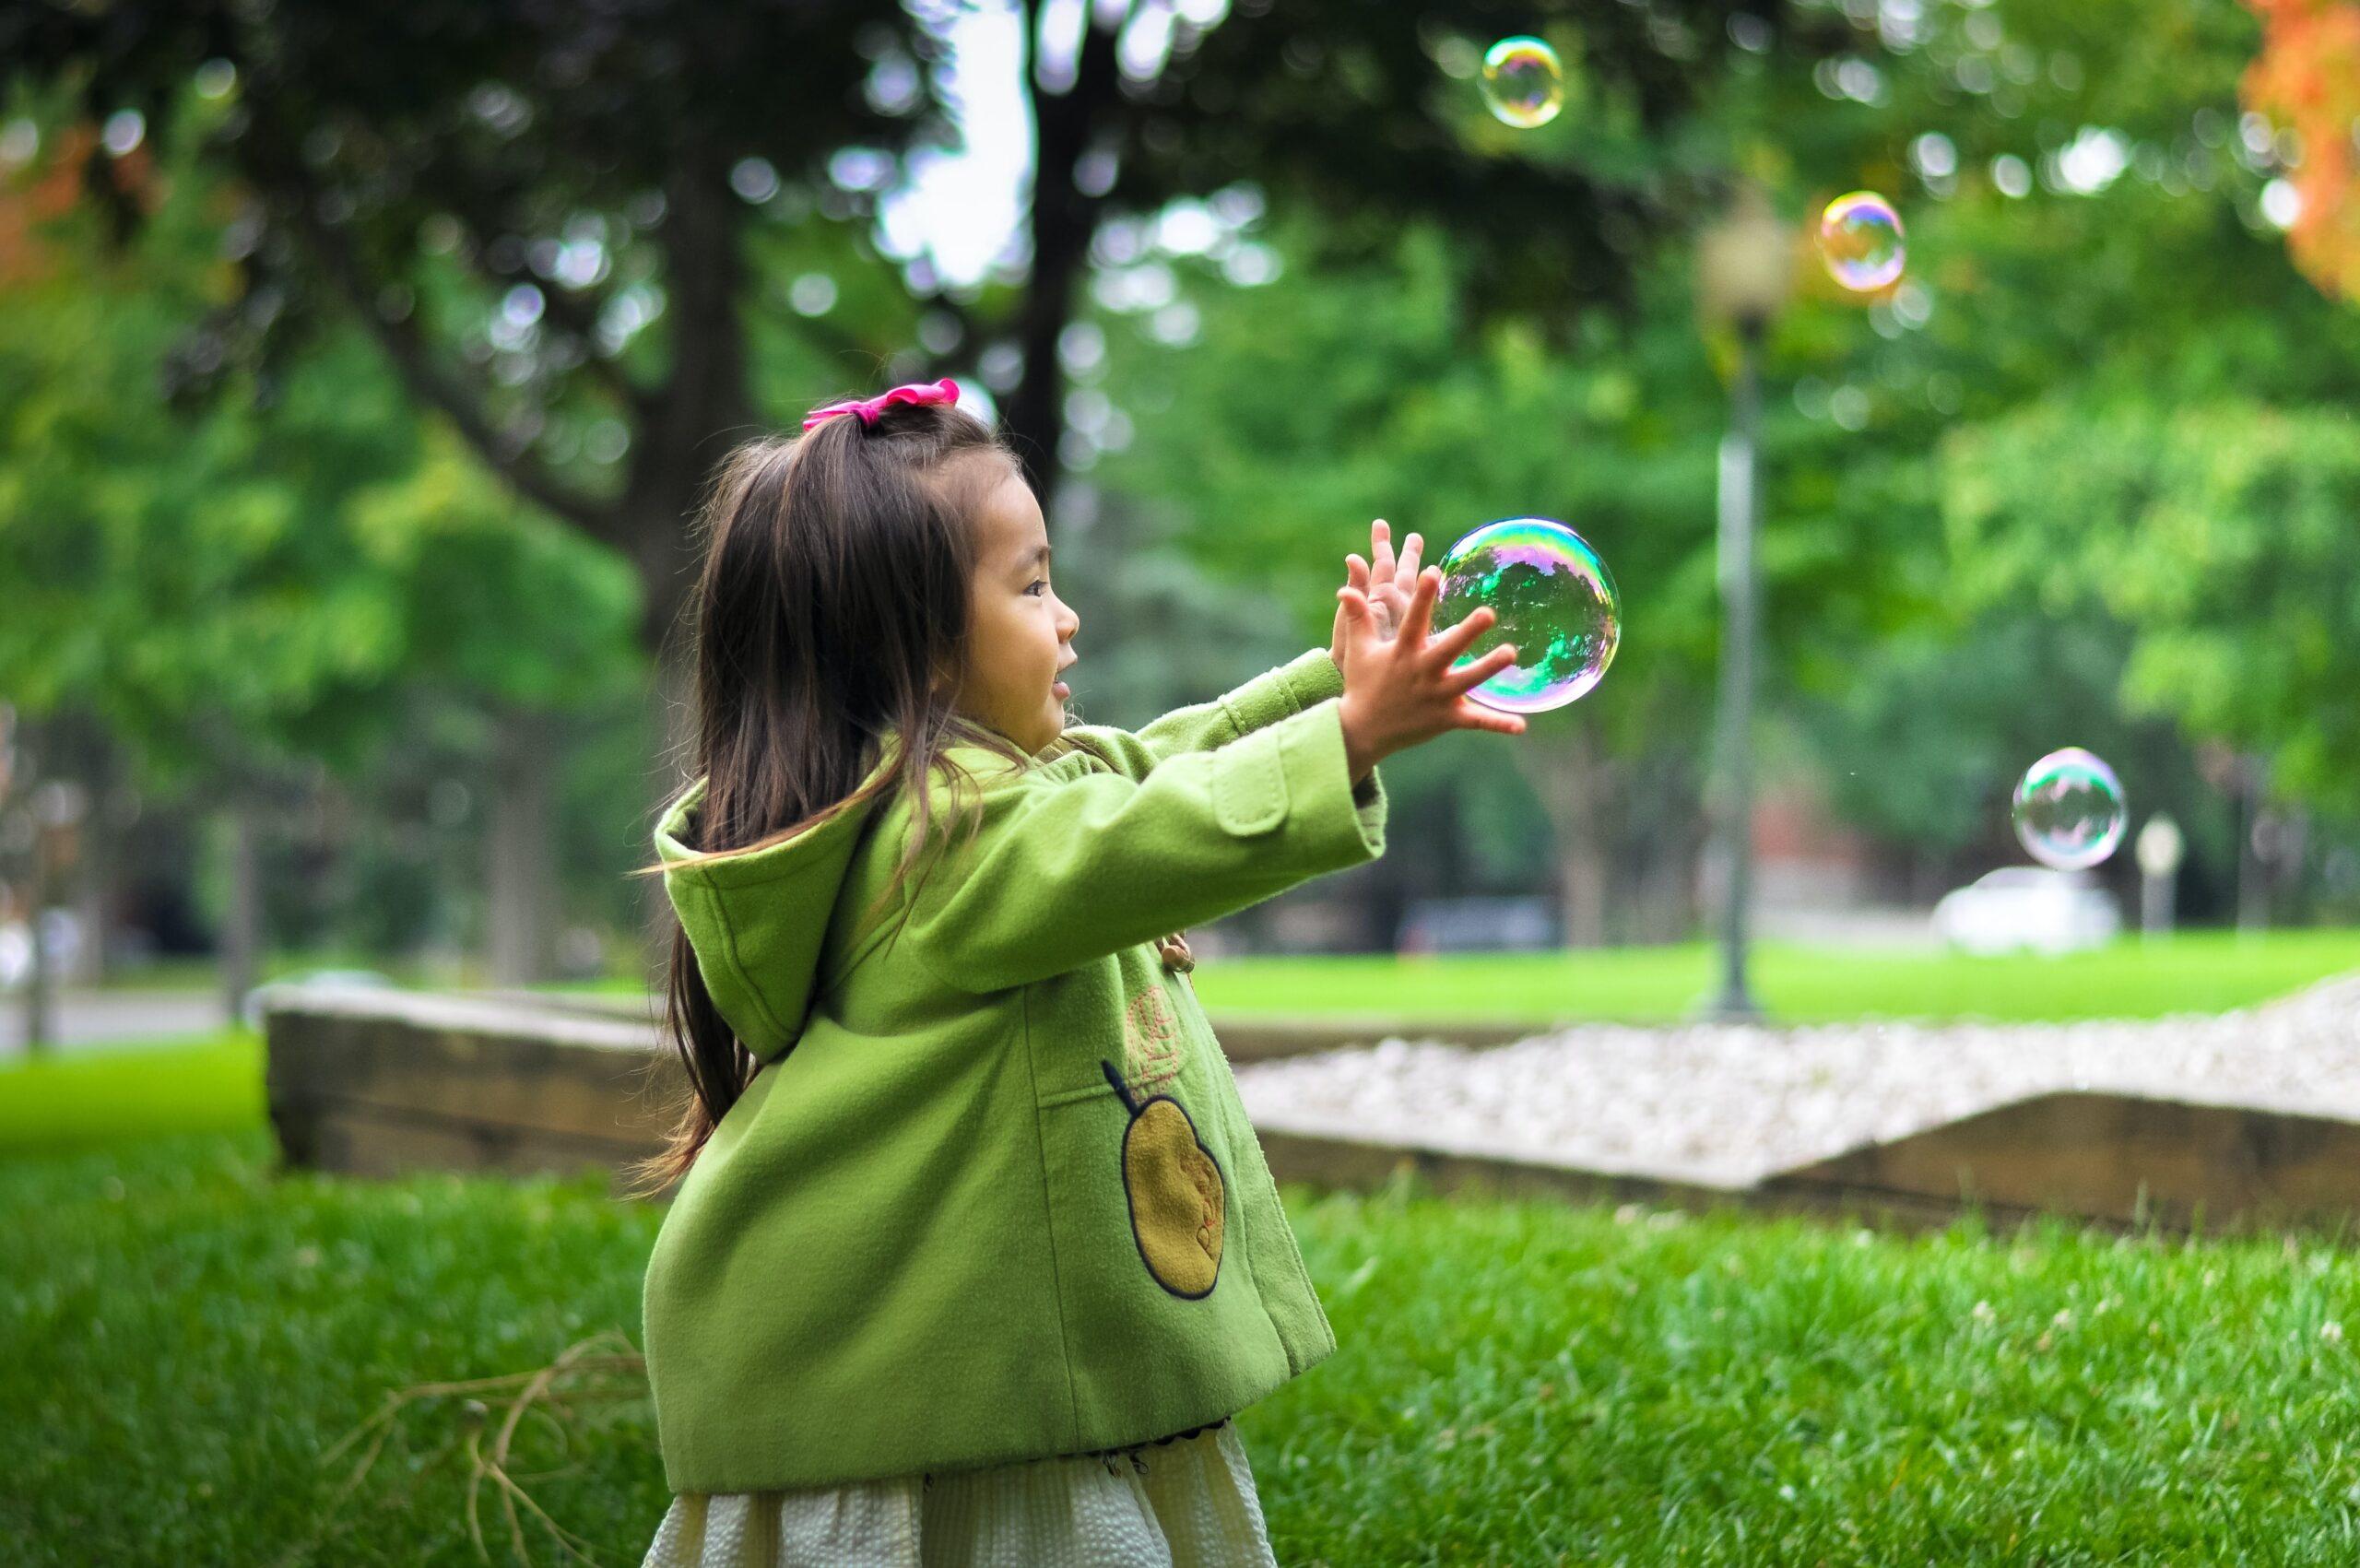 児童扶養手当対象支給